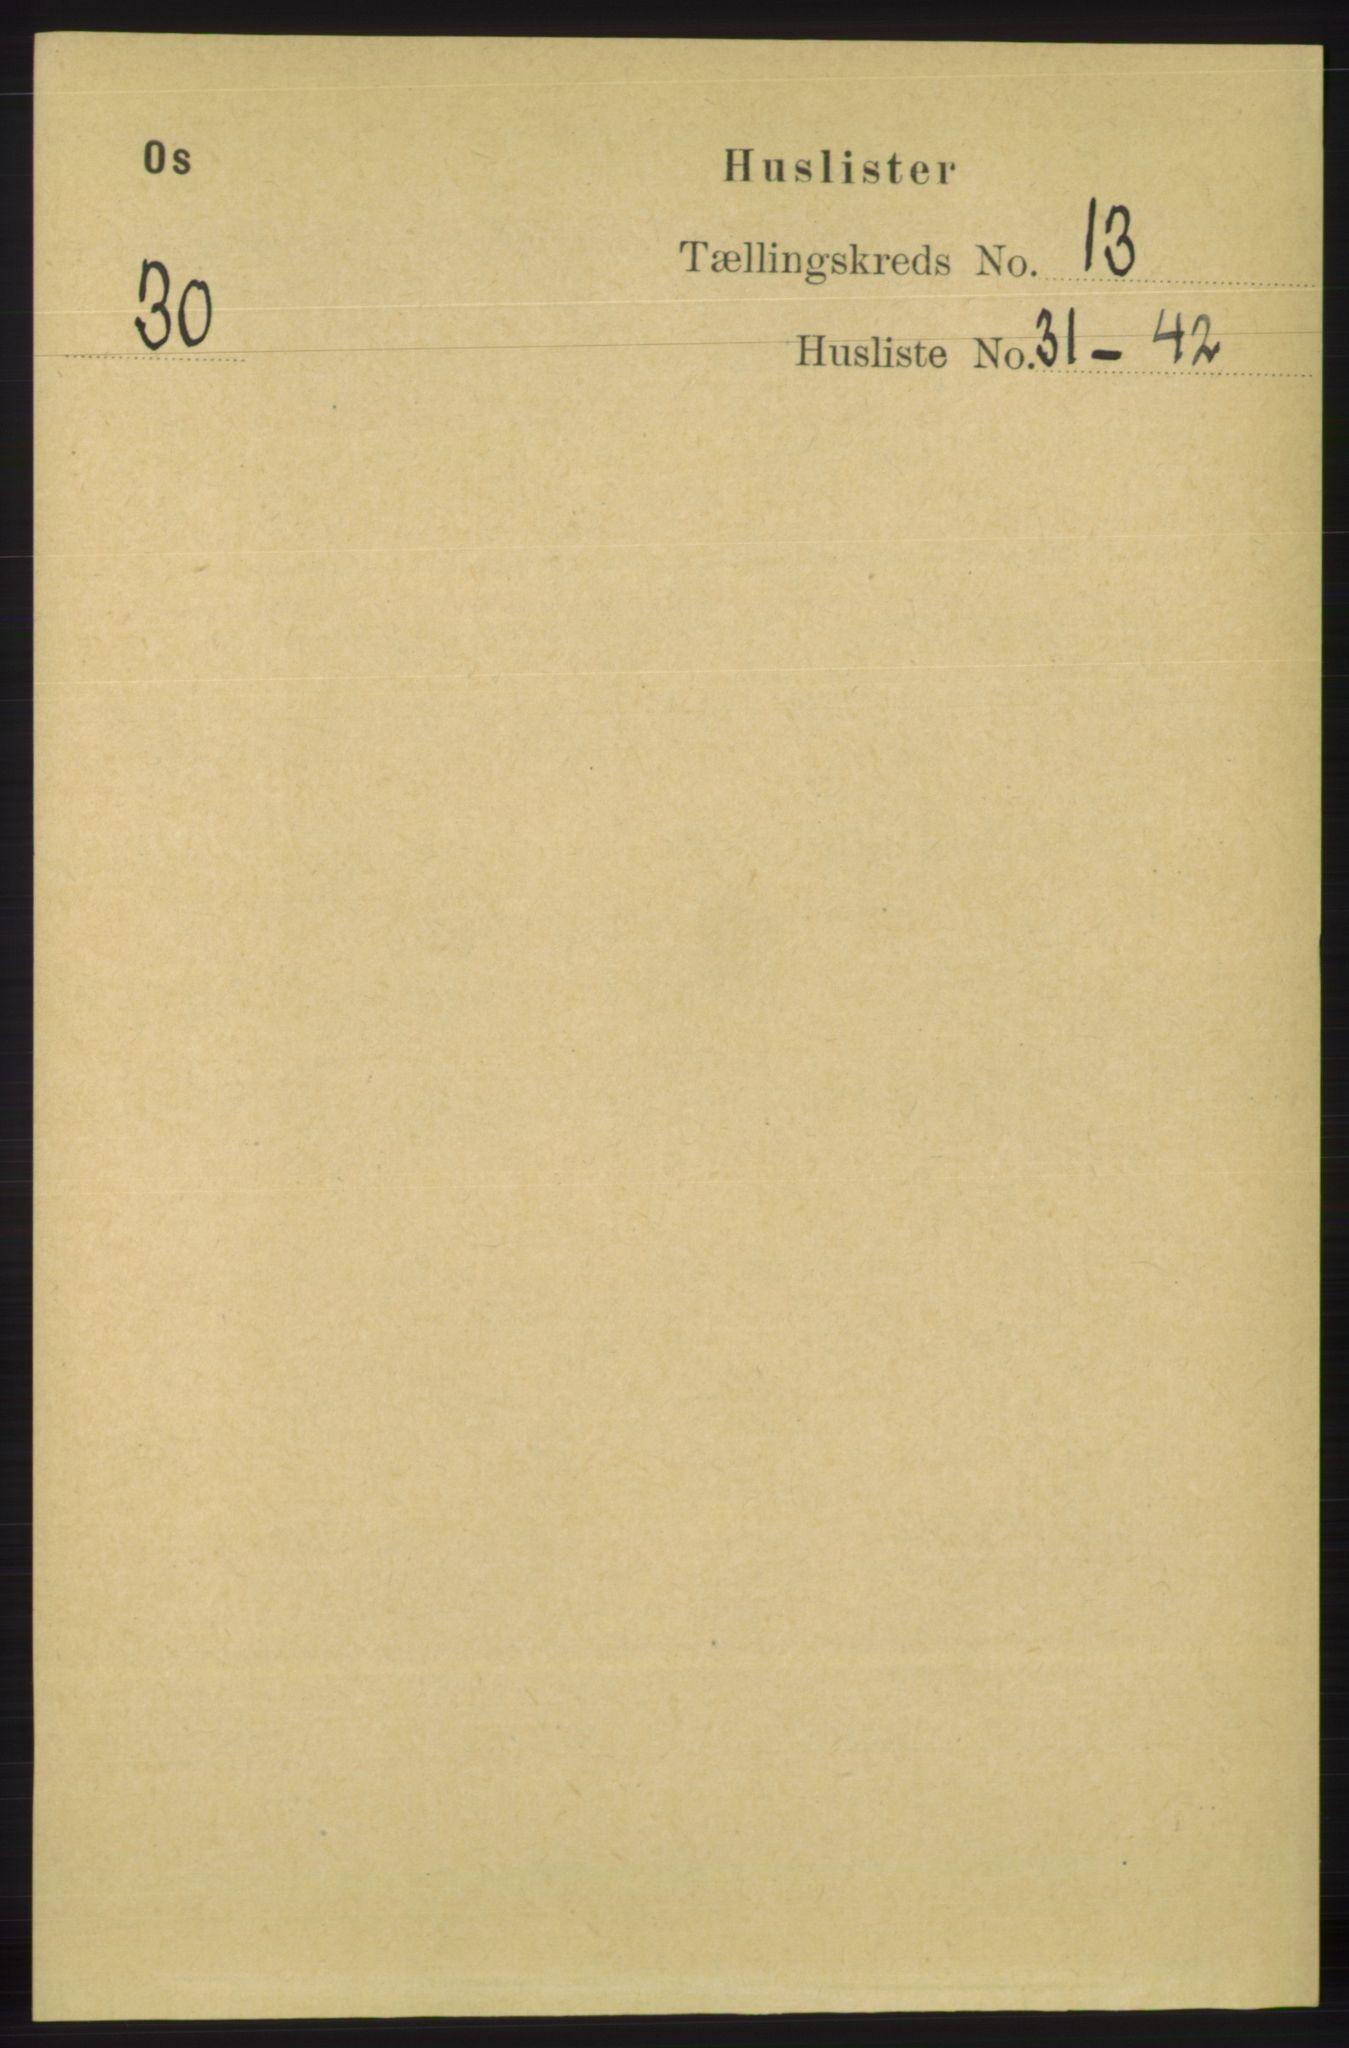 RA, Folketelling 1891 for 1243 Os herred, 1891, s. 2959